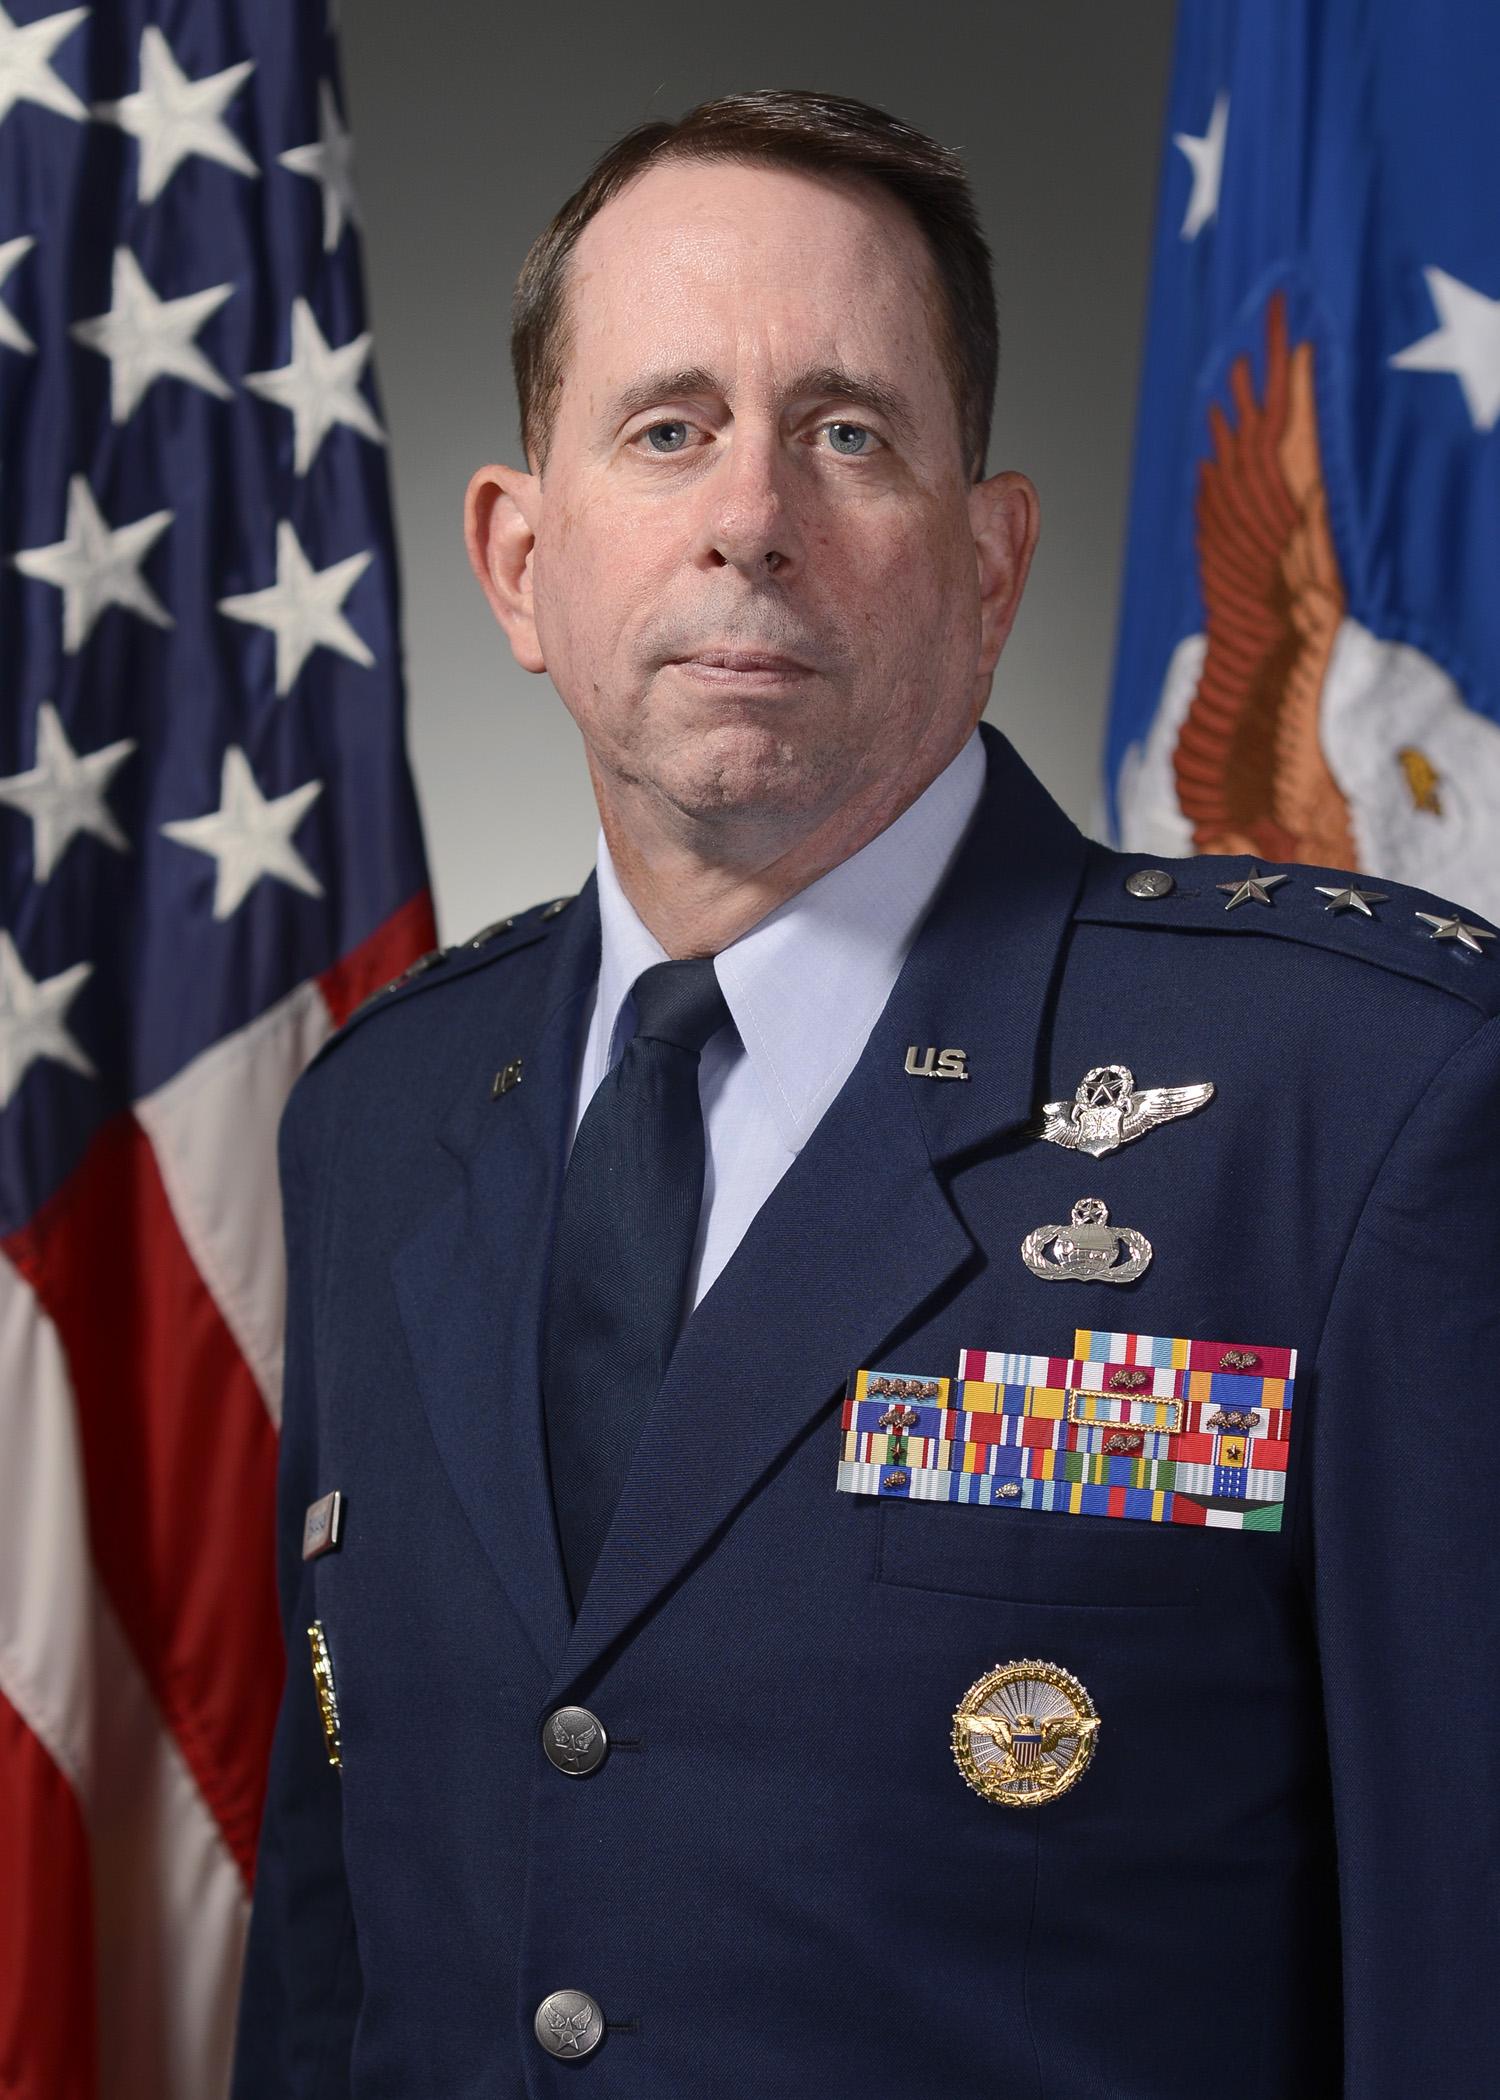 Lt Gen John N.T. Shanahan, USAF